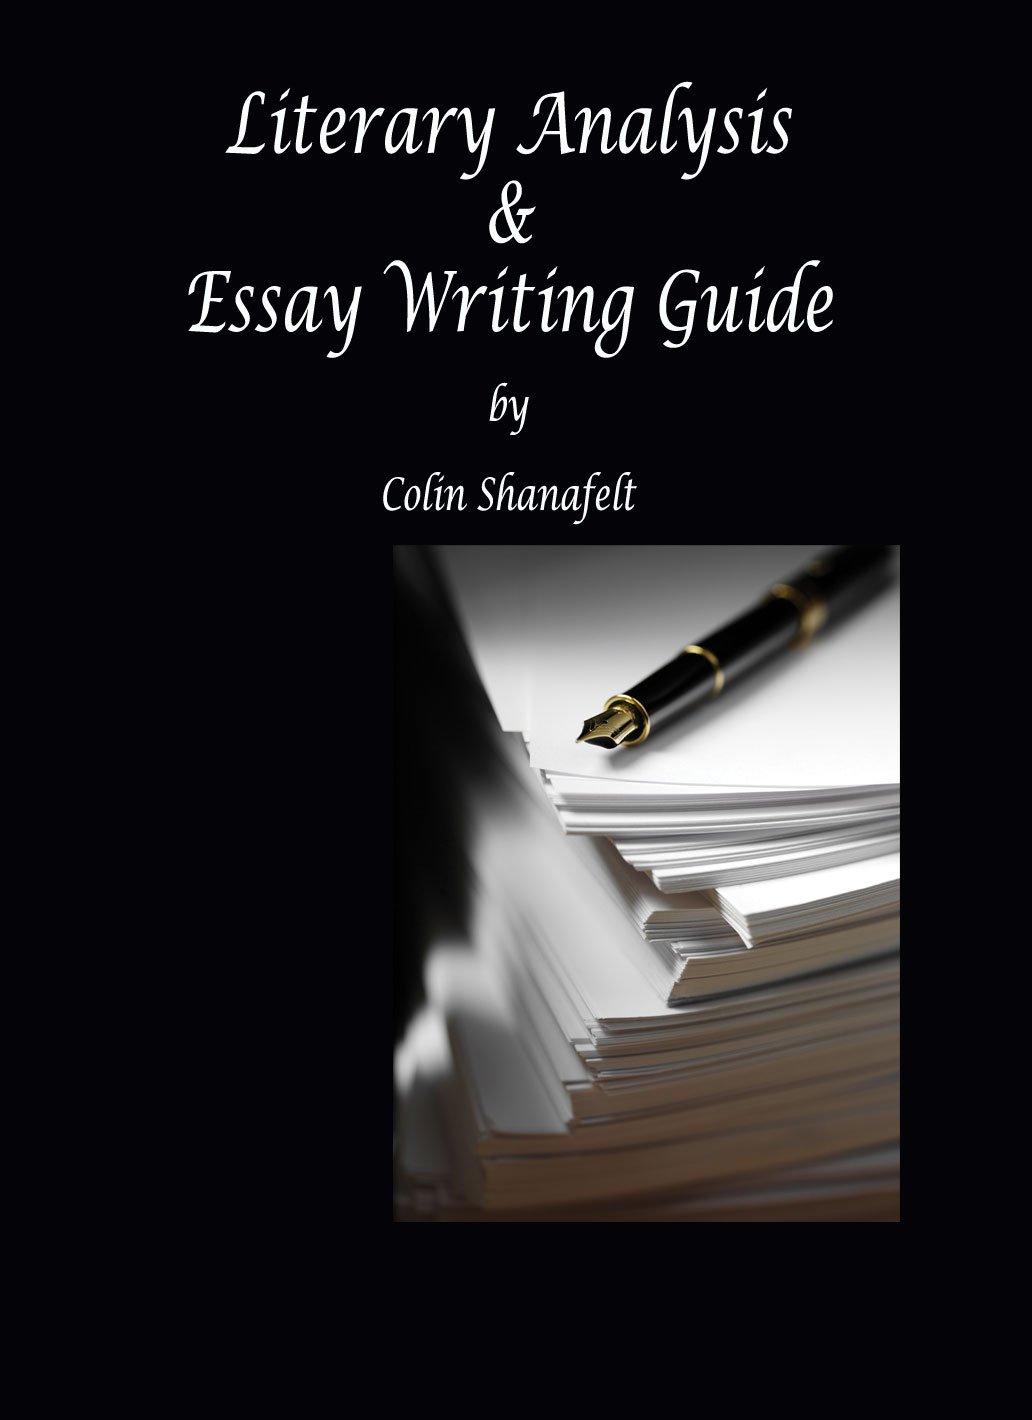 literary analysis essay writing guide colin shanafelt literary analysis essay writing guide colin shanafelt 9780982989531 com books